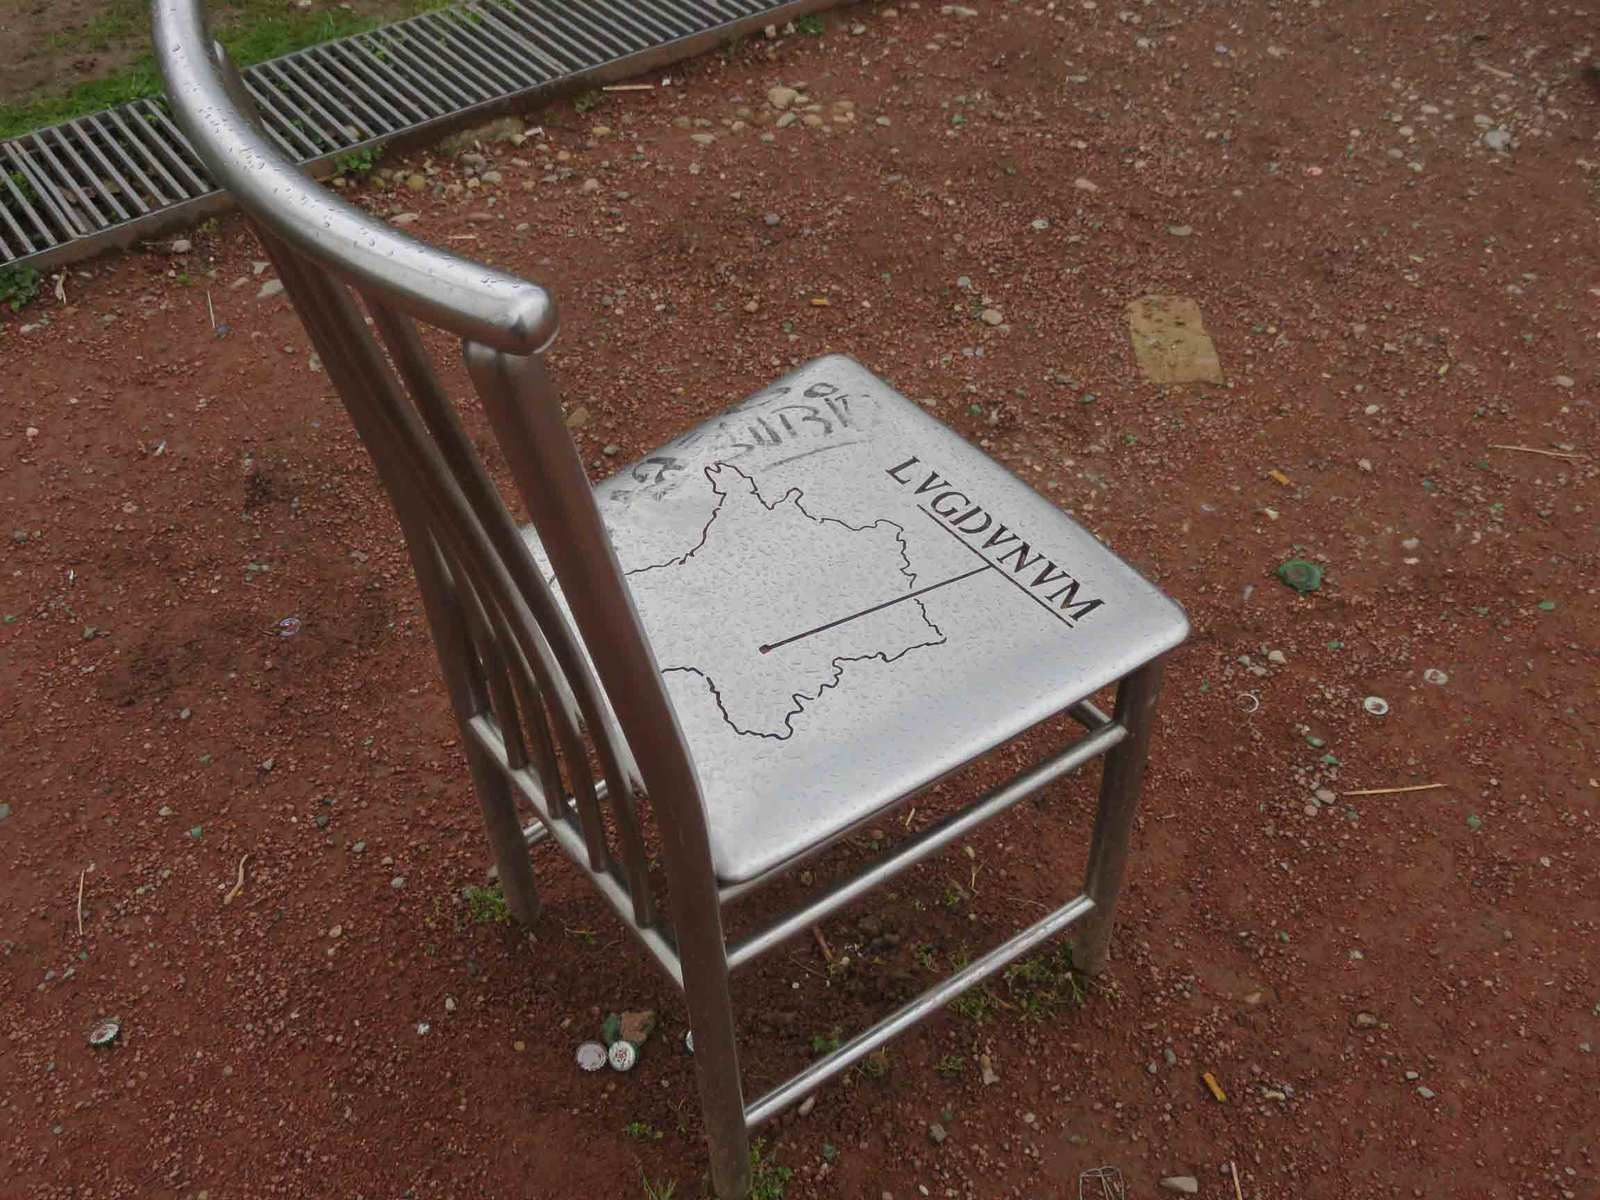 Lyon le jardin des curiosit s le blog docroger for Le jardin 69008 lyon